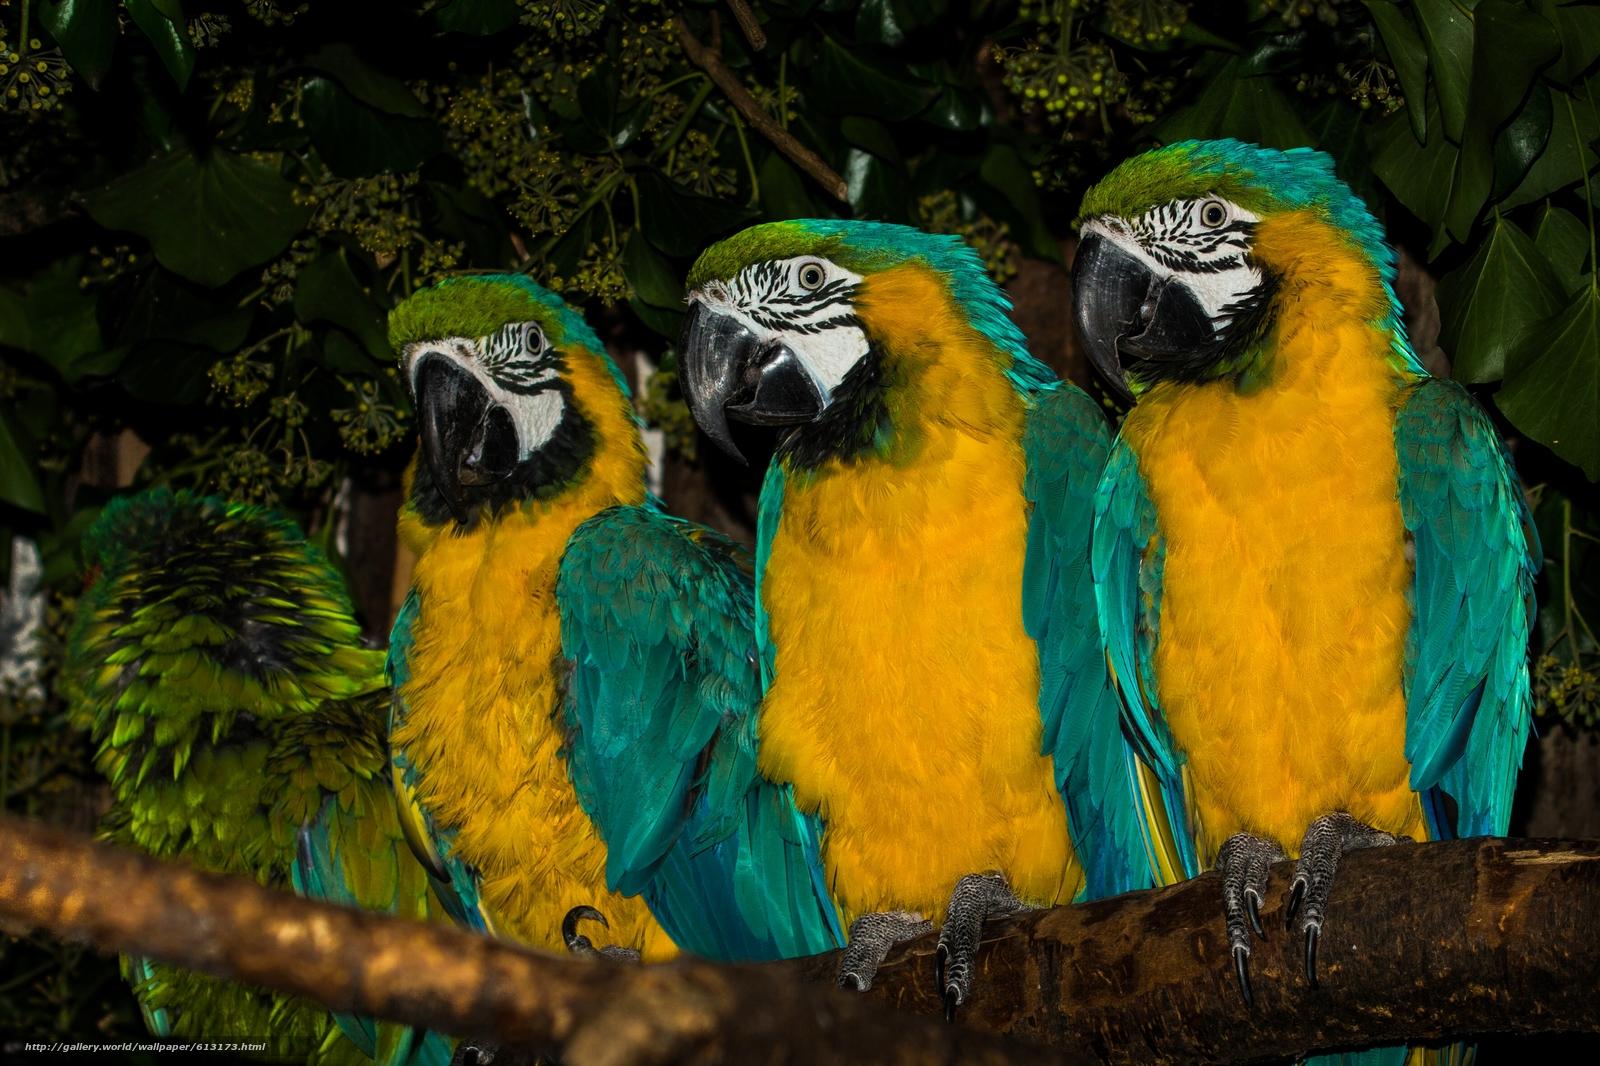 scaricare gli sfondi -Blu e giallo ara,  ara,  Pappagalli,  uccelli Sfondi gratis per la risoluzione del desktop 2880x1918 — immagine №613173